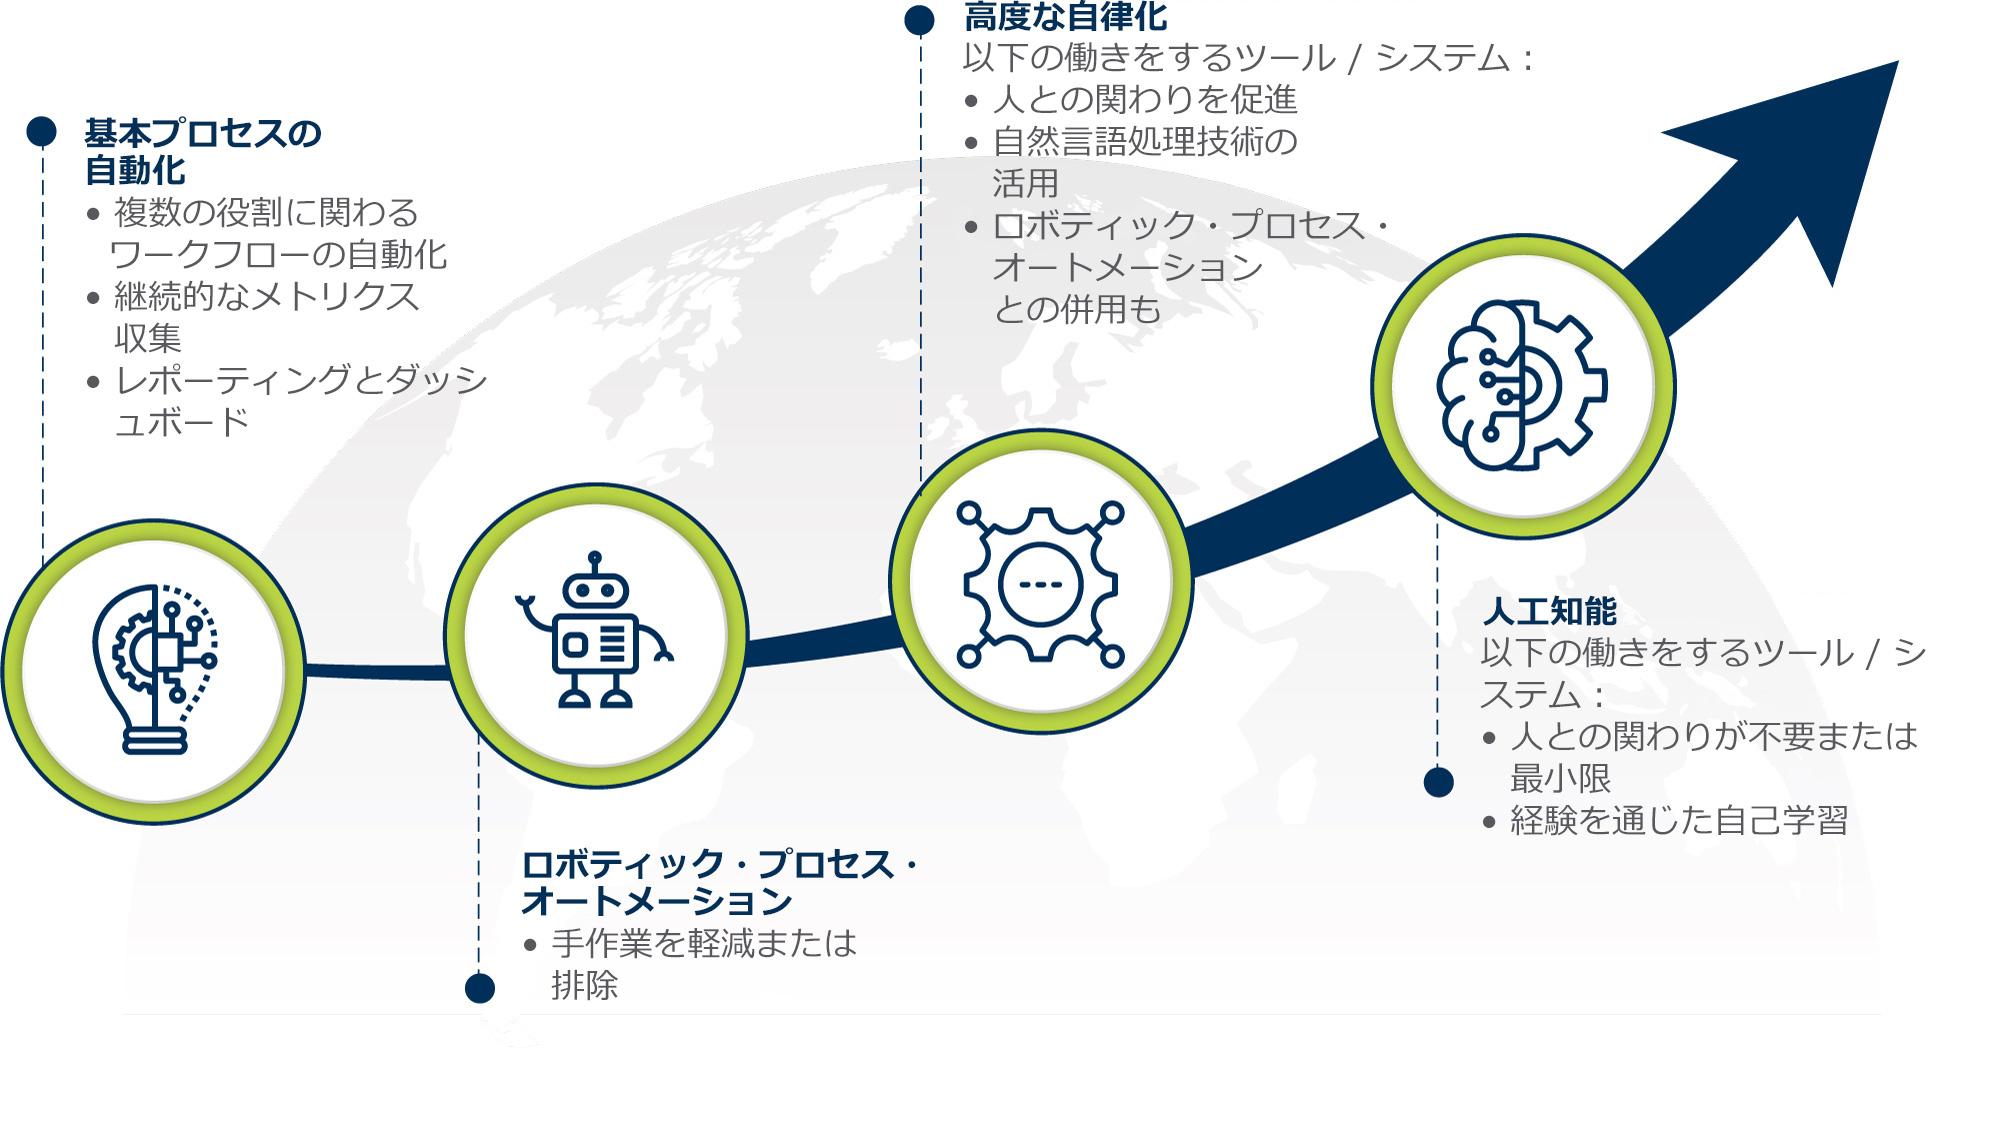 PV 自動化へのロードマップ